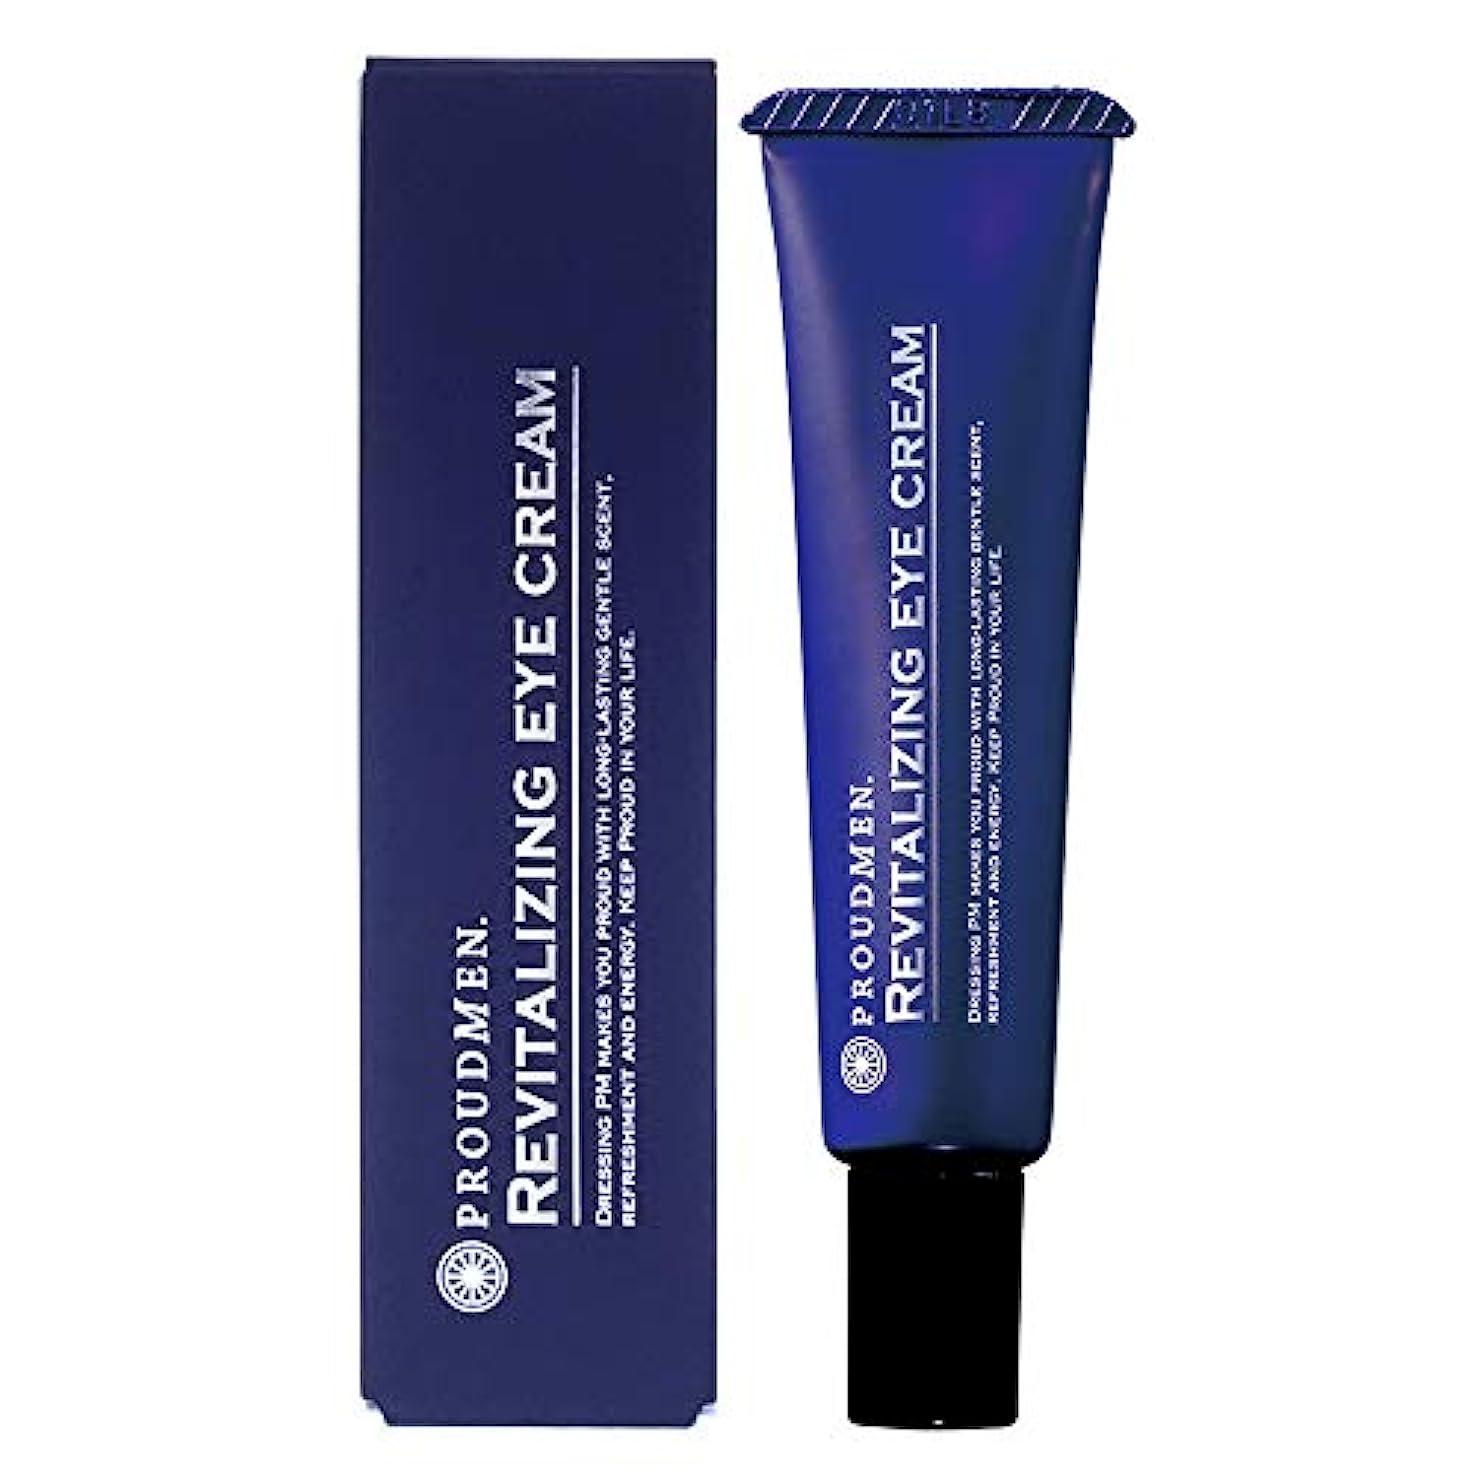 うまメタン数プラウドメン リバイタライジングアイクリーム 12g (グルーミング?シトラスの香り) 目元クリーム メンズコスメ 男性用化粧品